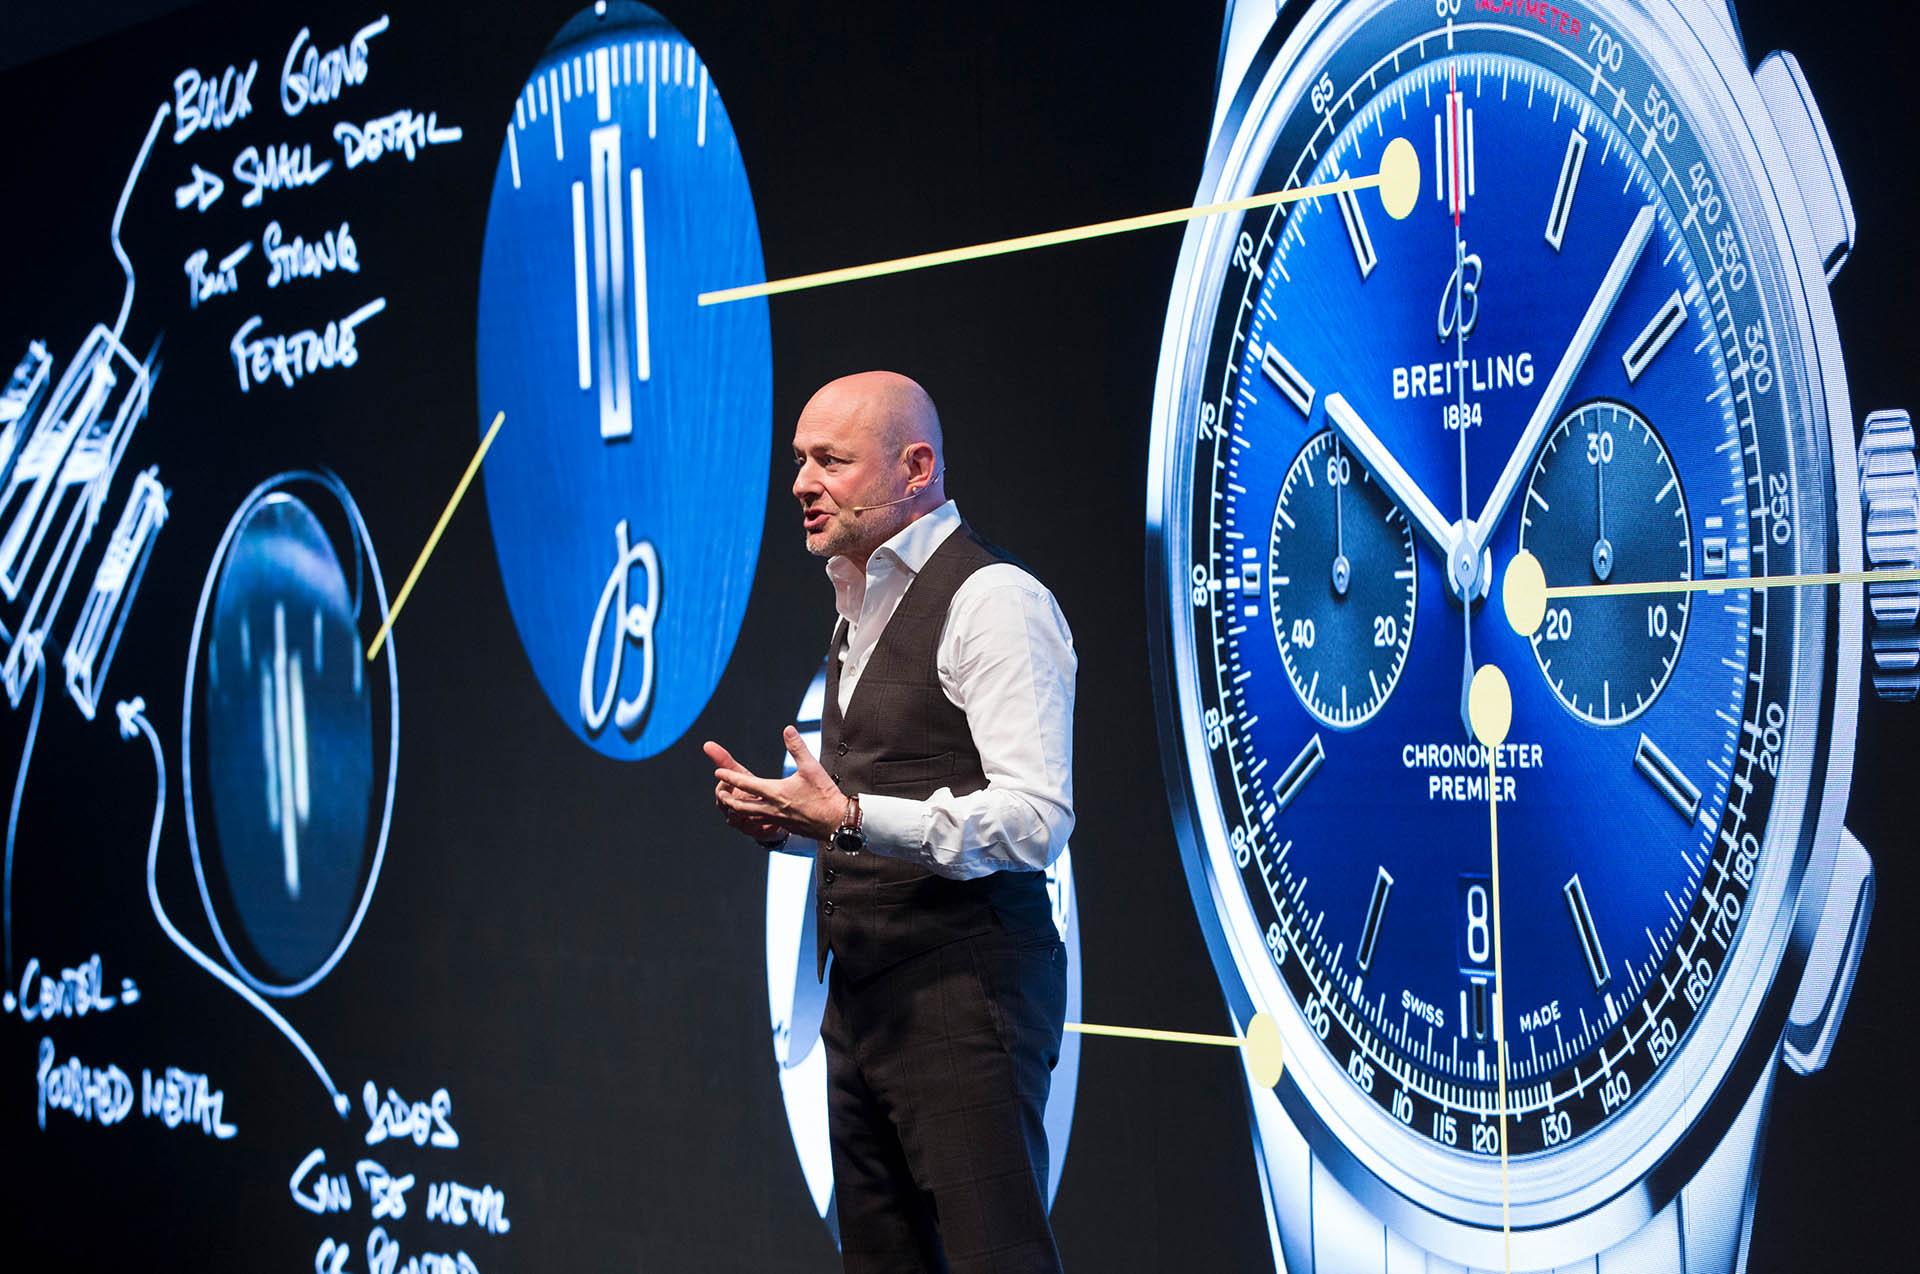 Georges Kern auf dem Breitling Summit in London am 22. Oktober 2018